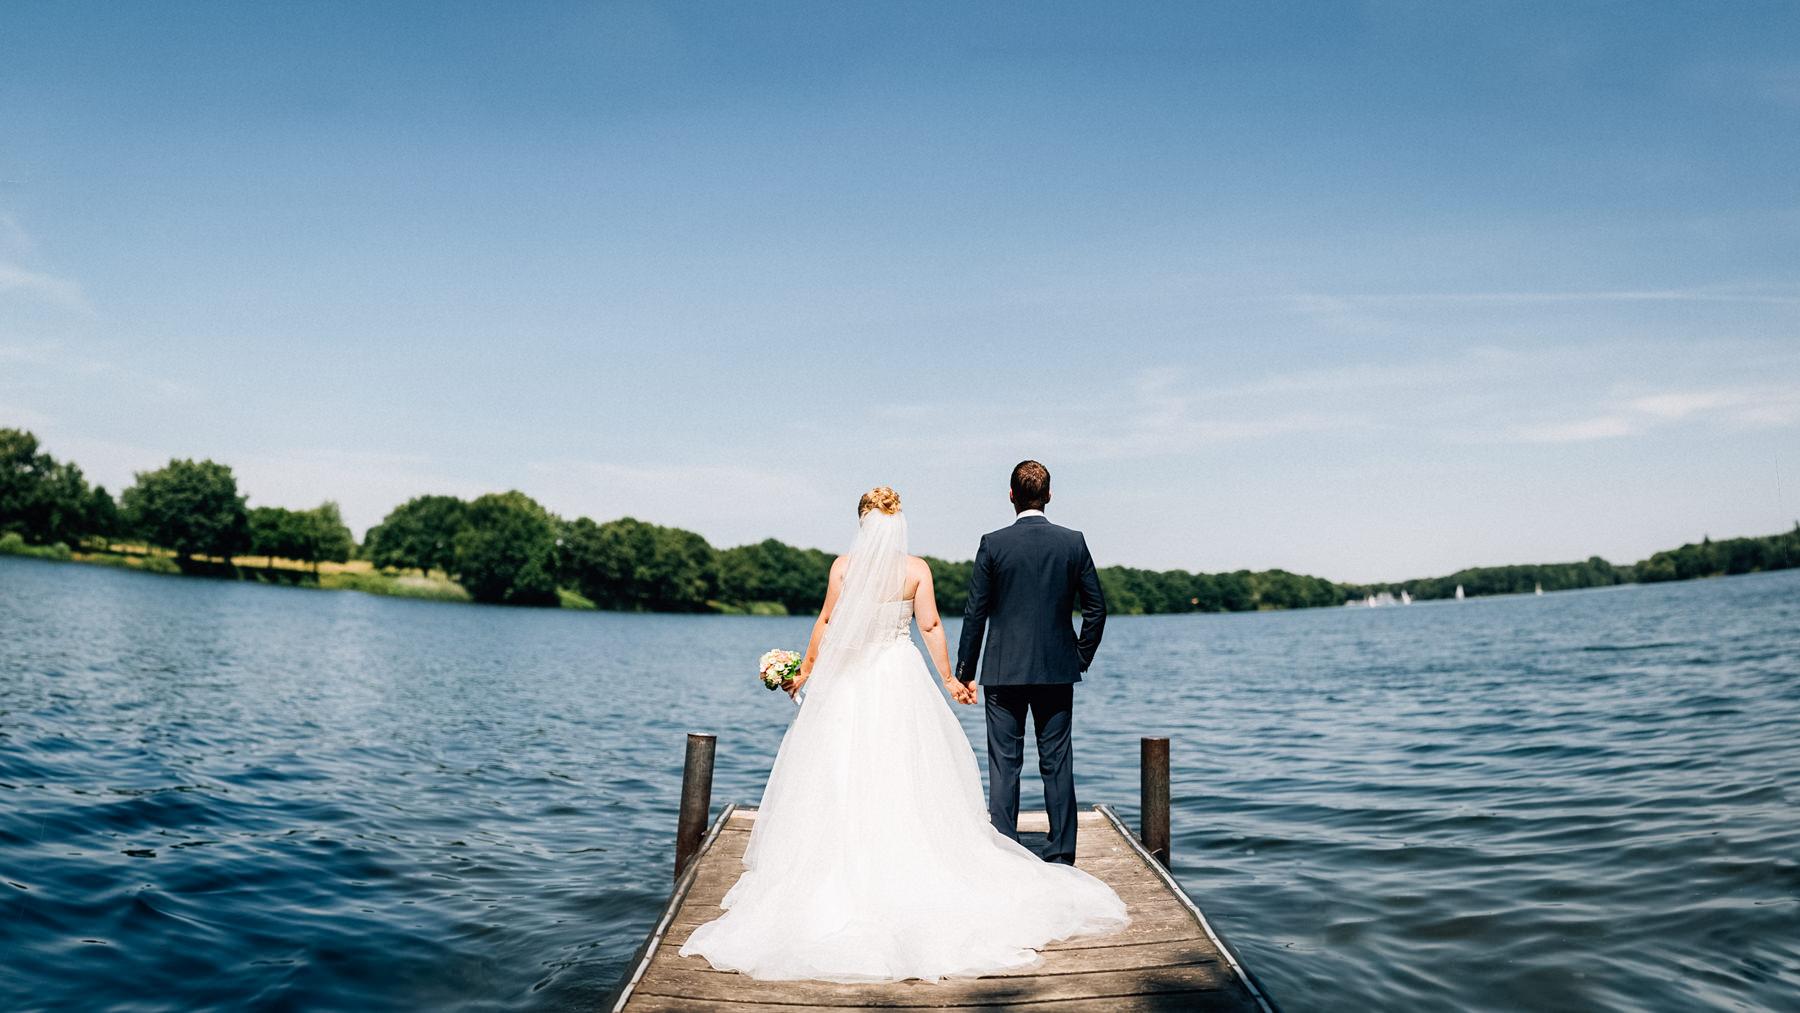 Annika & Matthias - Hochzeit